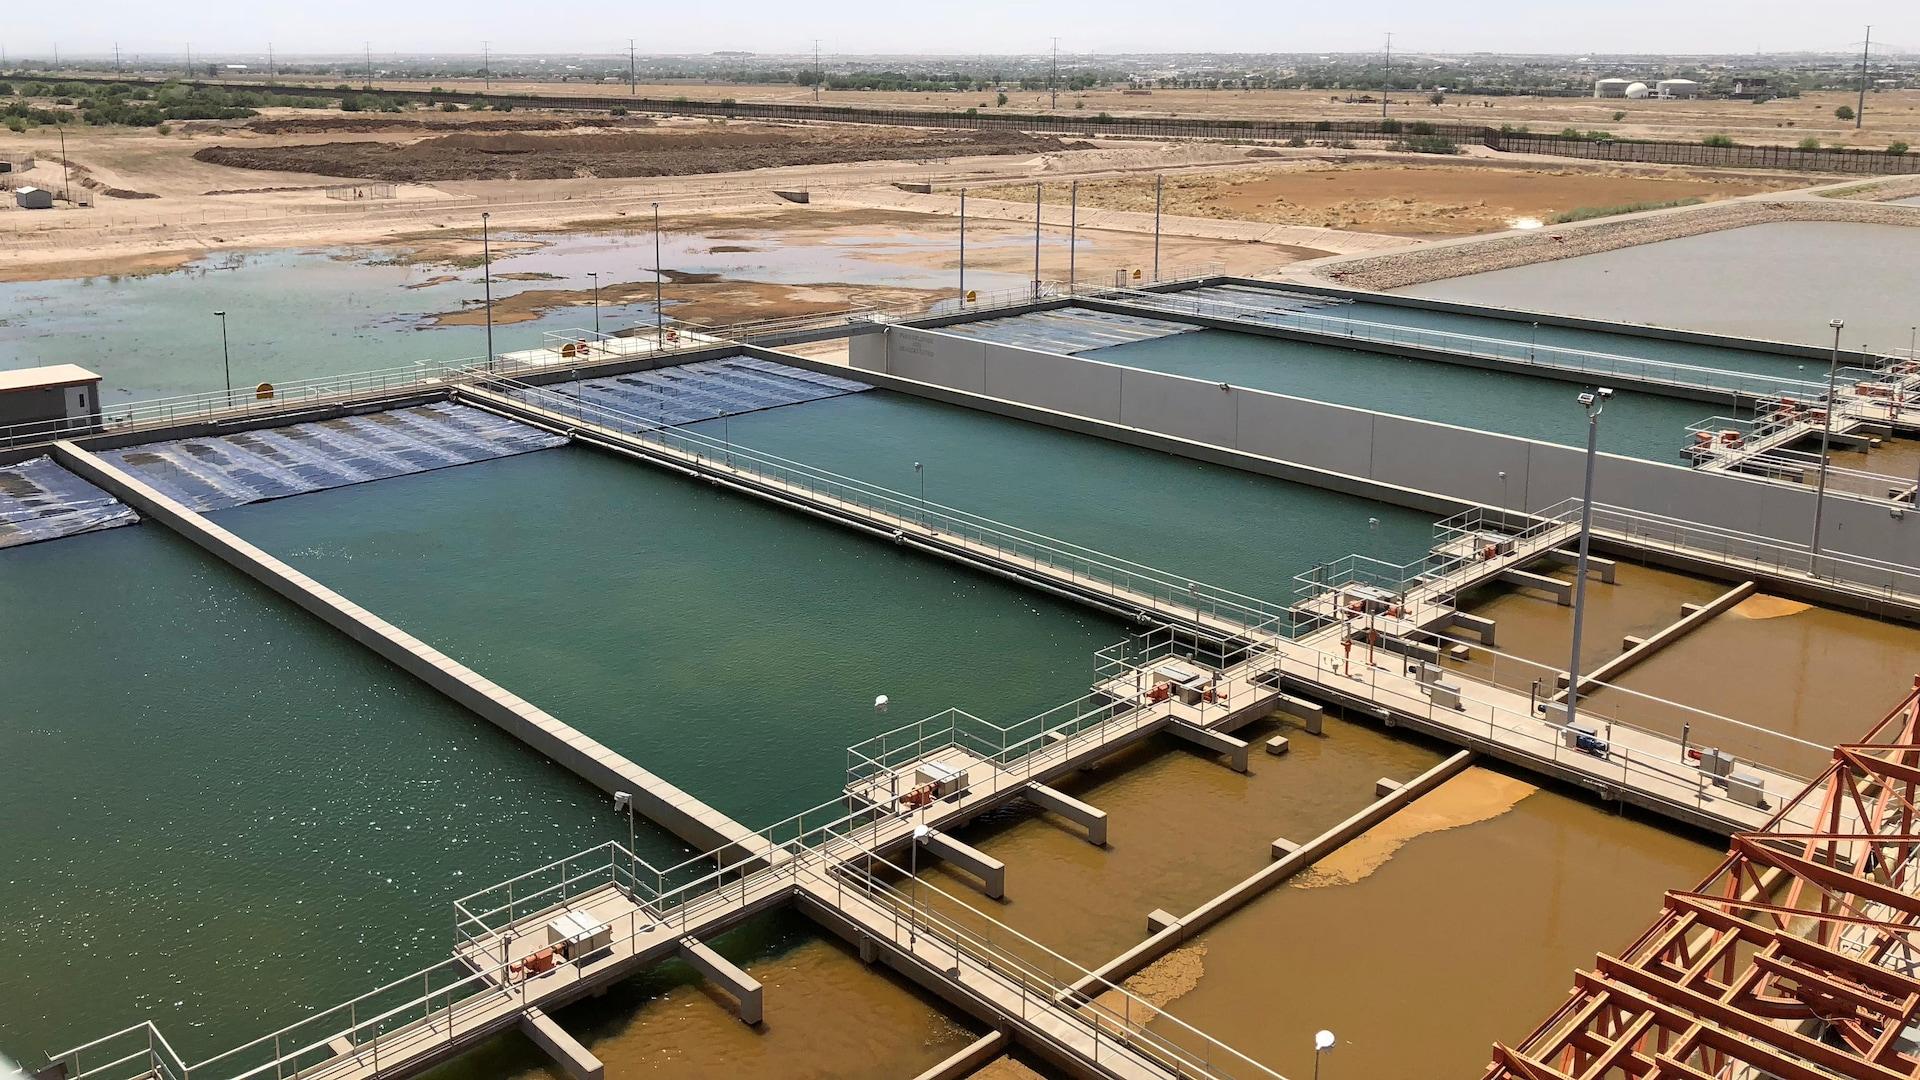 D'immenses bassins à ciel ouvert pour le traitement des eaux.